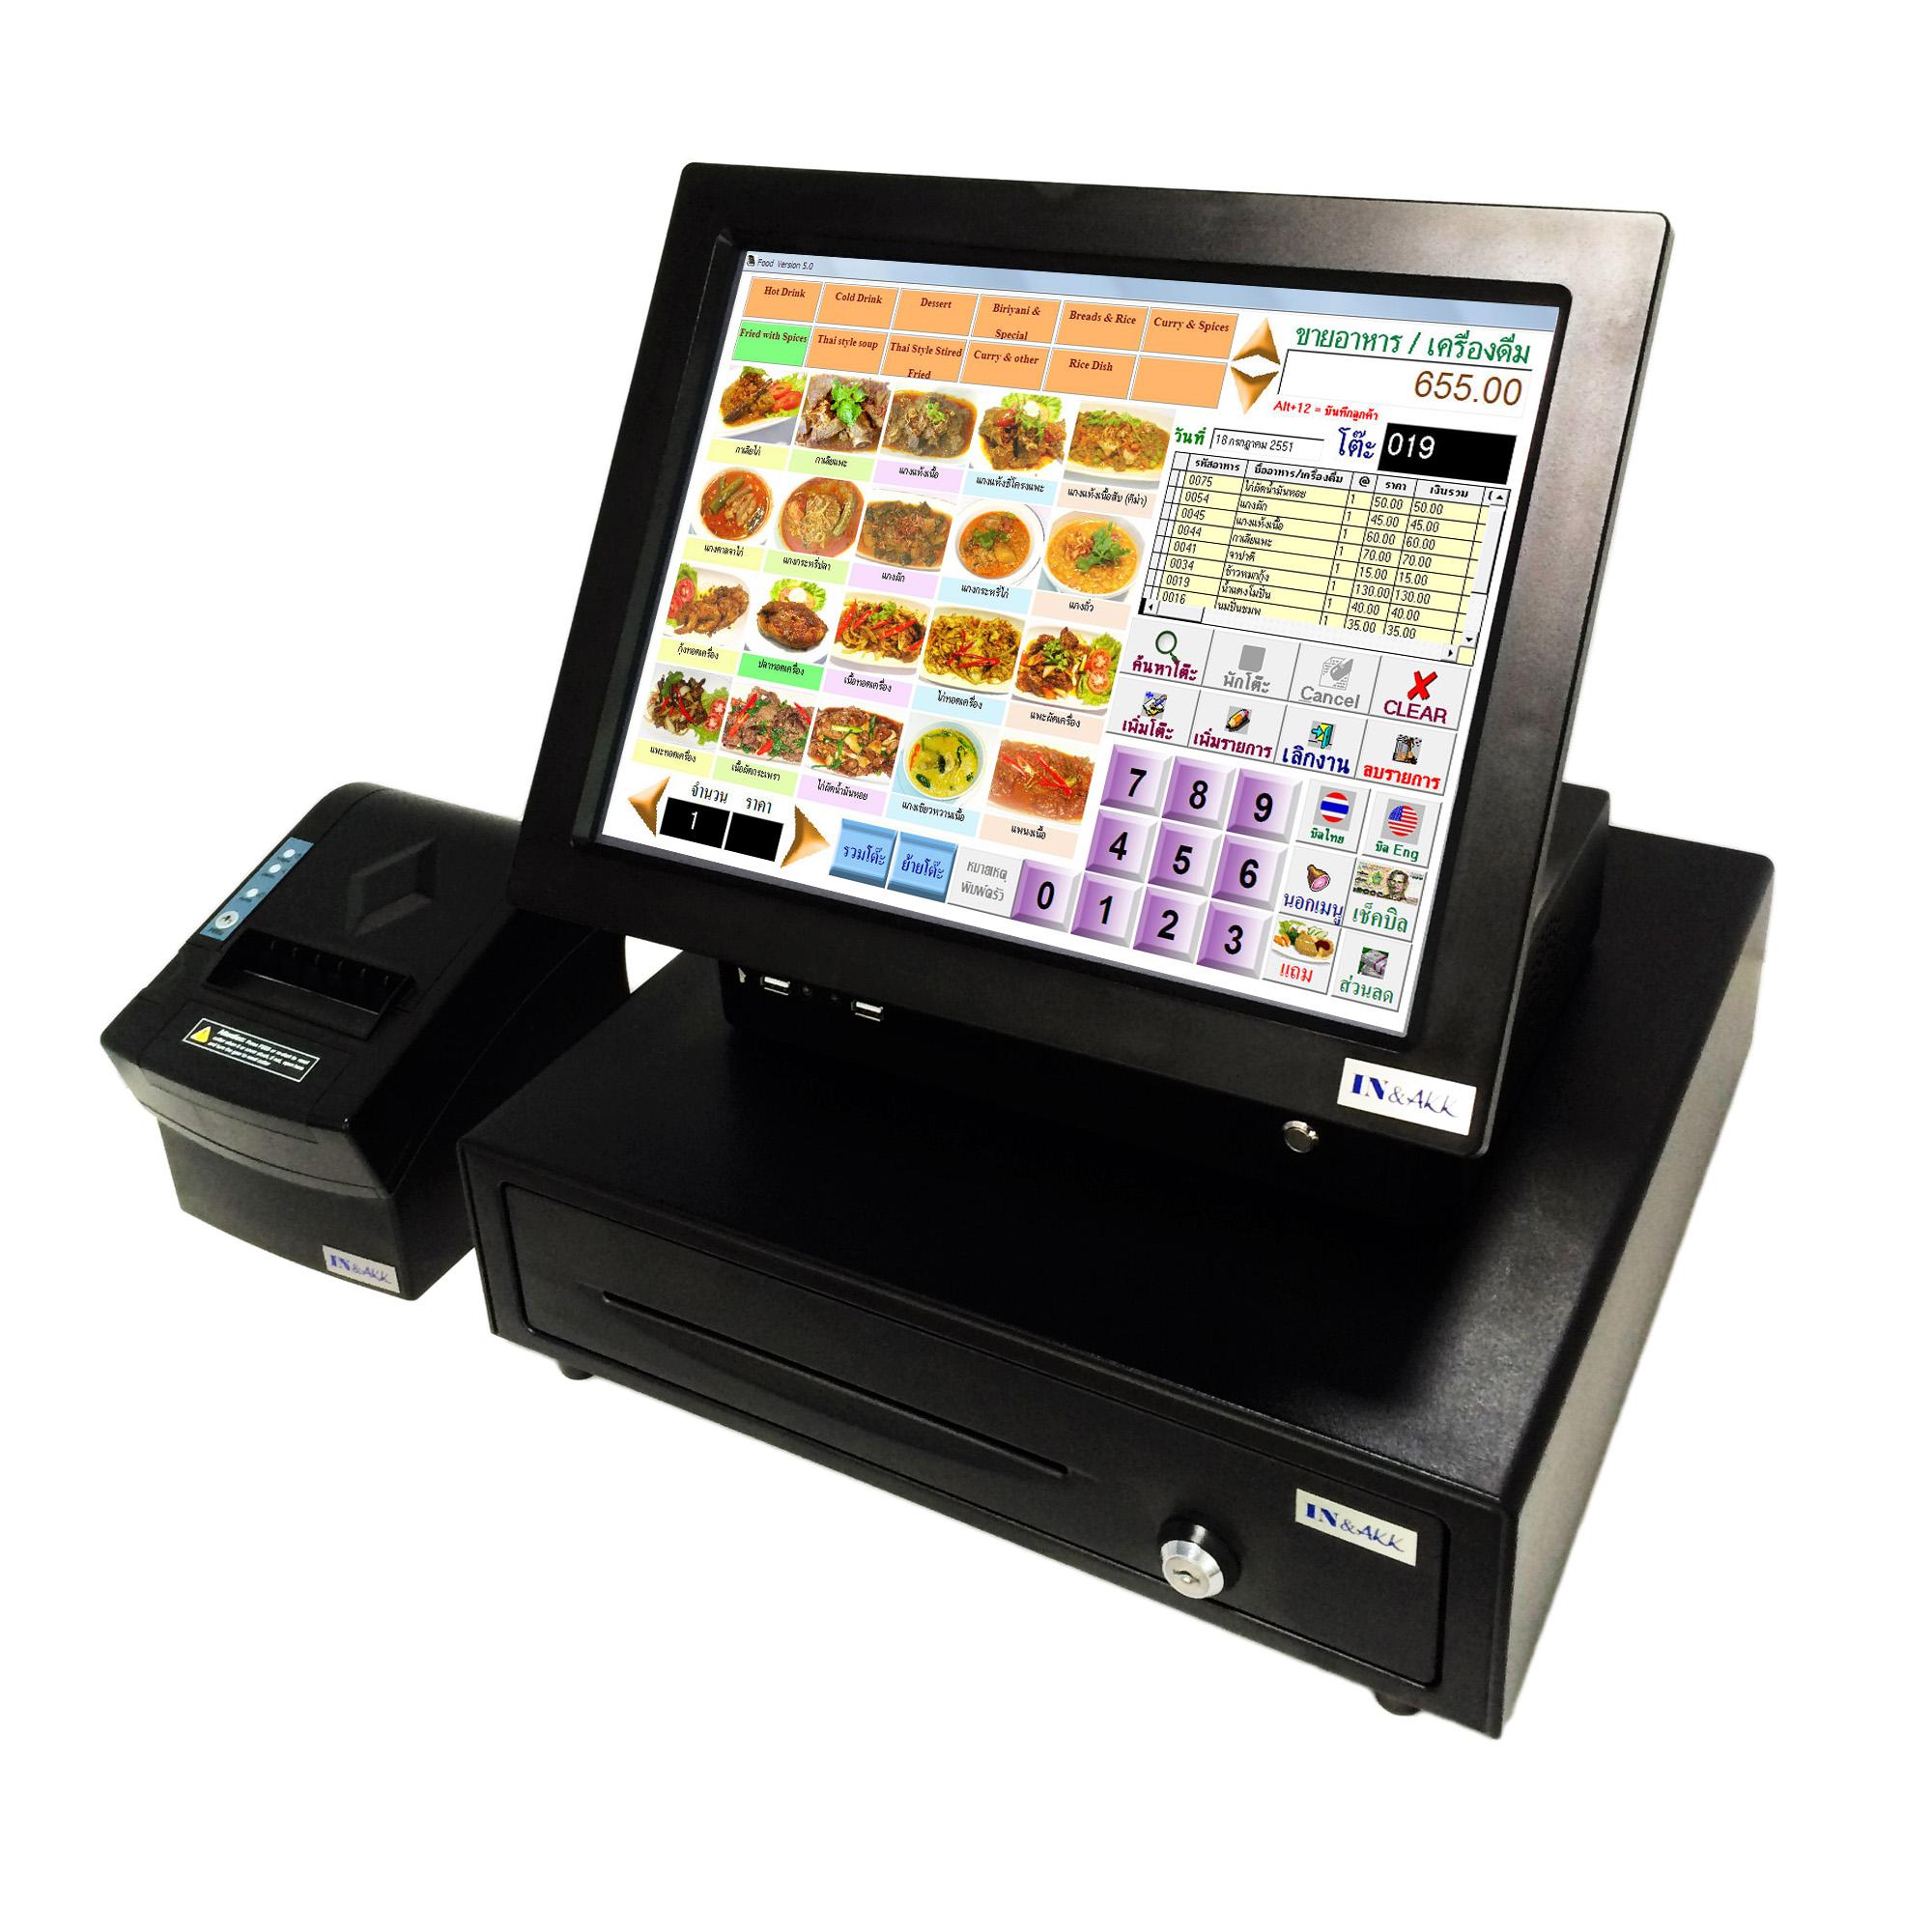 ชุดกลาง 31,500 บาท สำหรับร้านอาหาร/คาเฟ่ ใช้งานได้ทันทีโดยไม่ต้องซื้อเพิ่ม (IN-SETE)